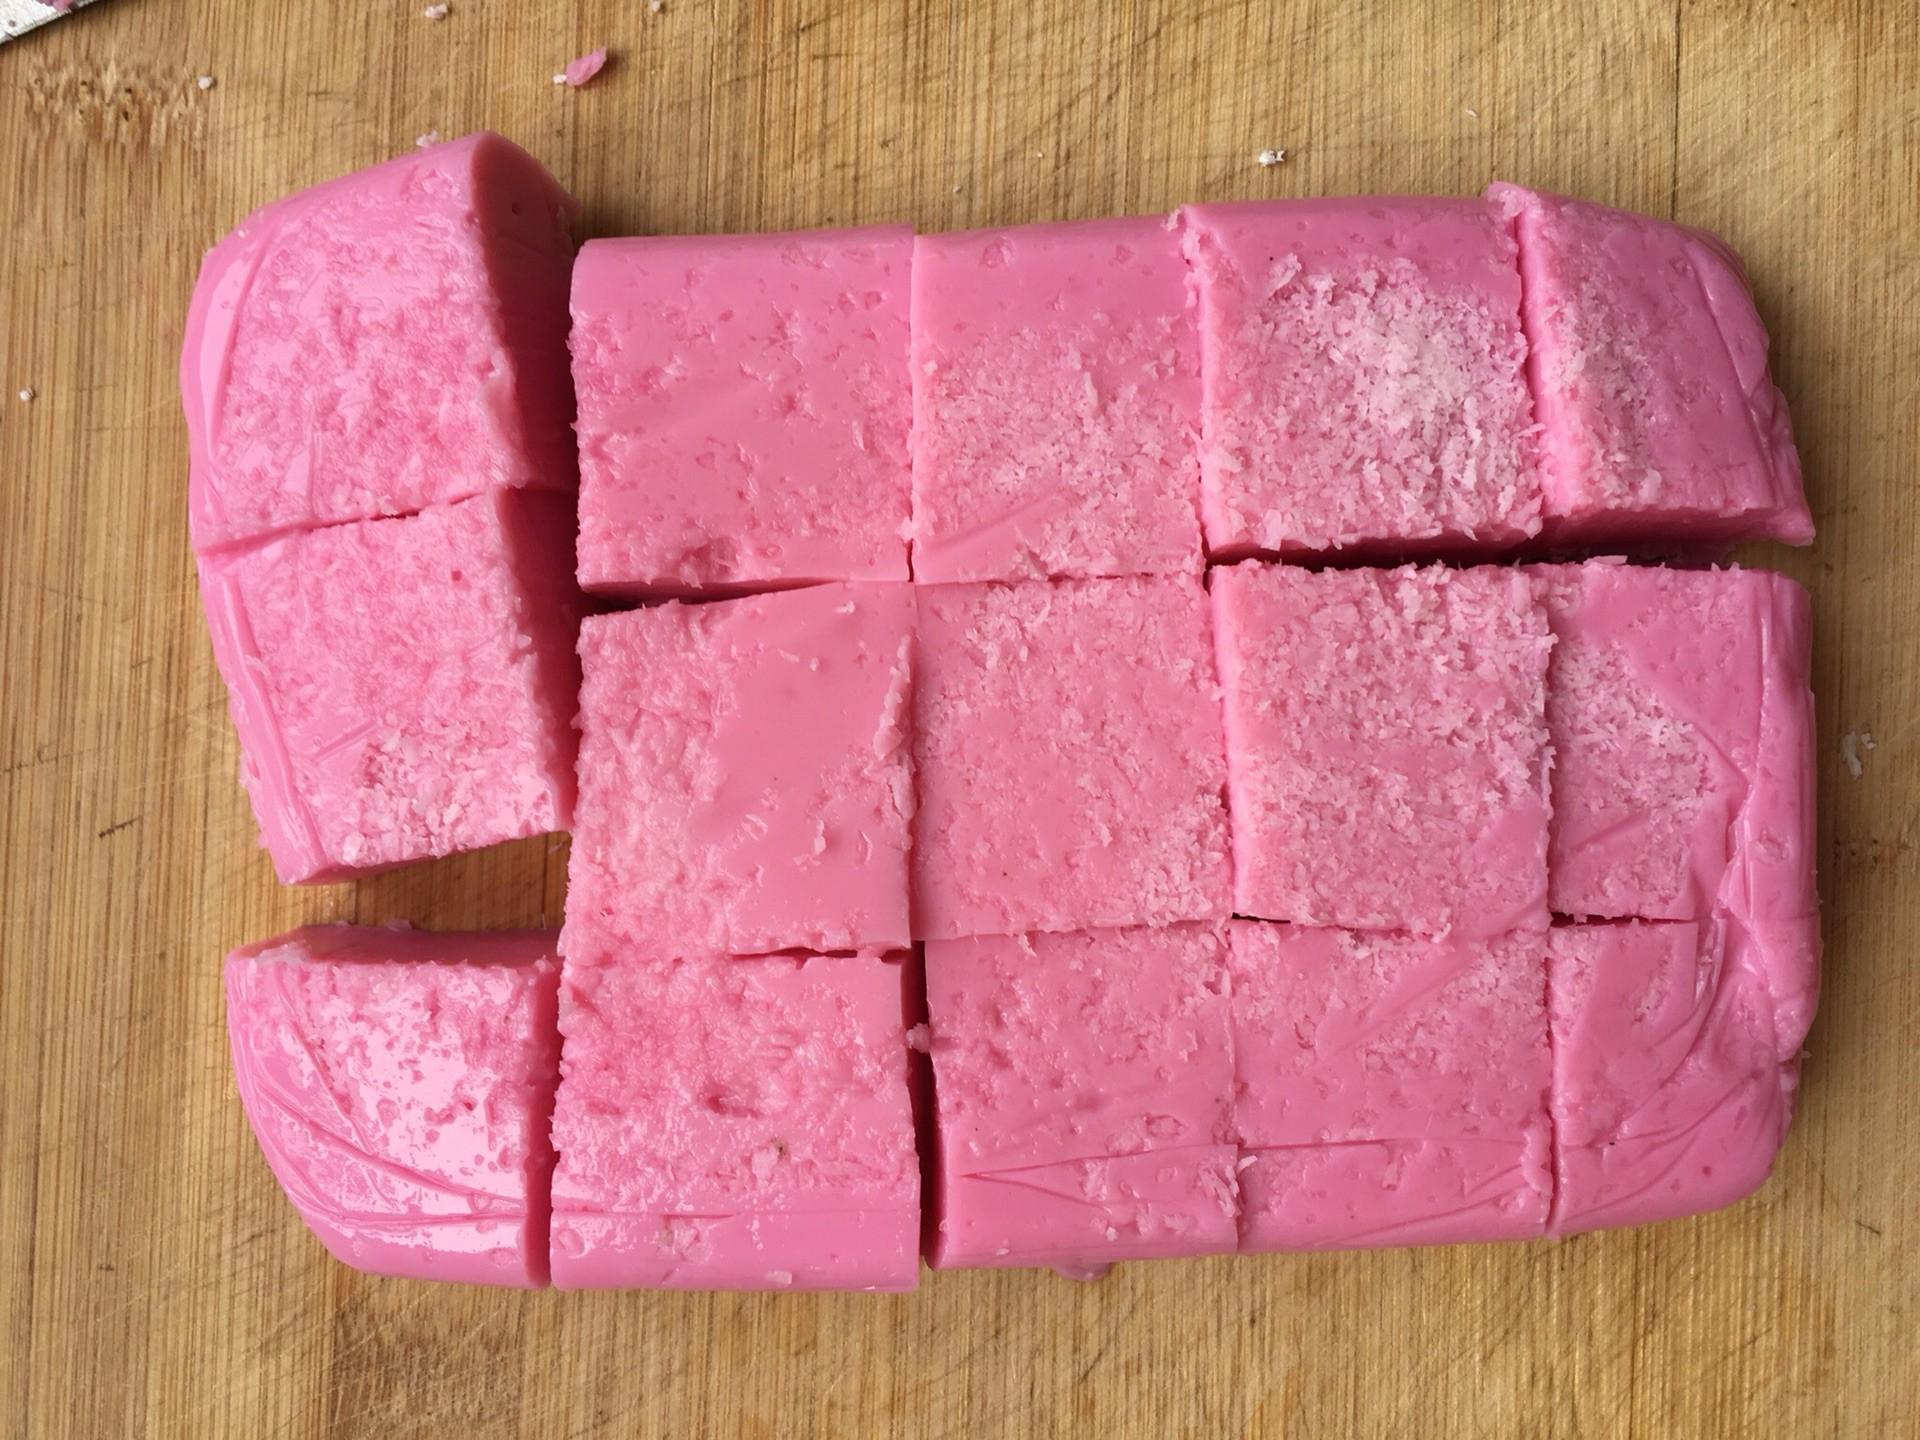 Diễn đàn rao vặt: Bánh thanh long mát lịm cách làm lại vô cùng dễ Yuan4ecf41ba724320547aceba8ca3522f70-15377699896081394145886